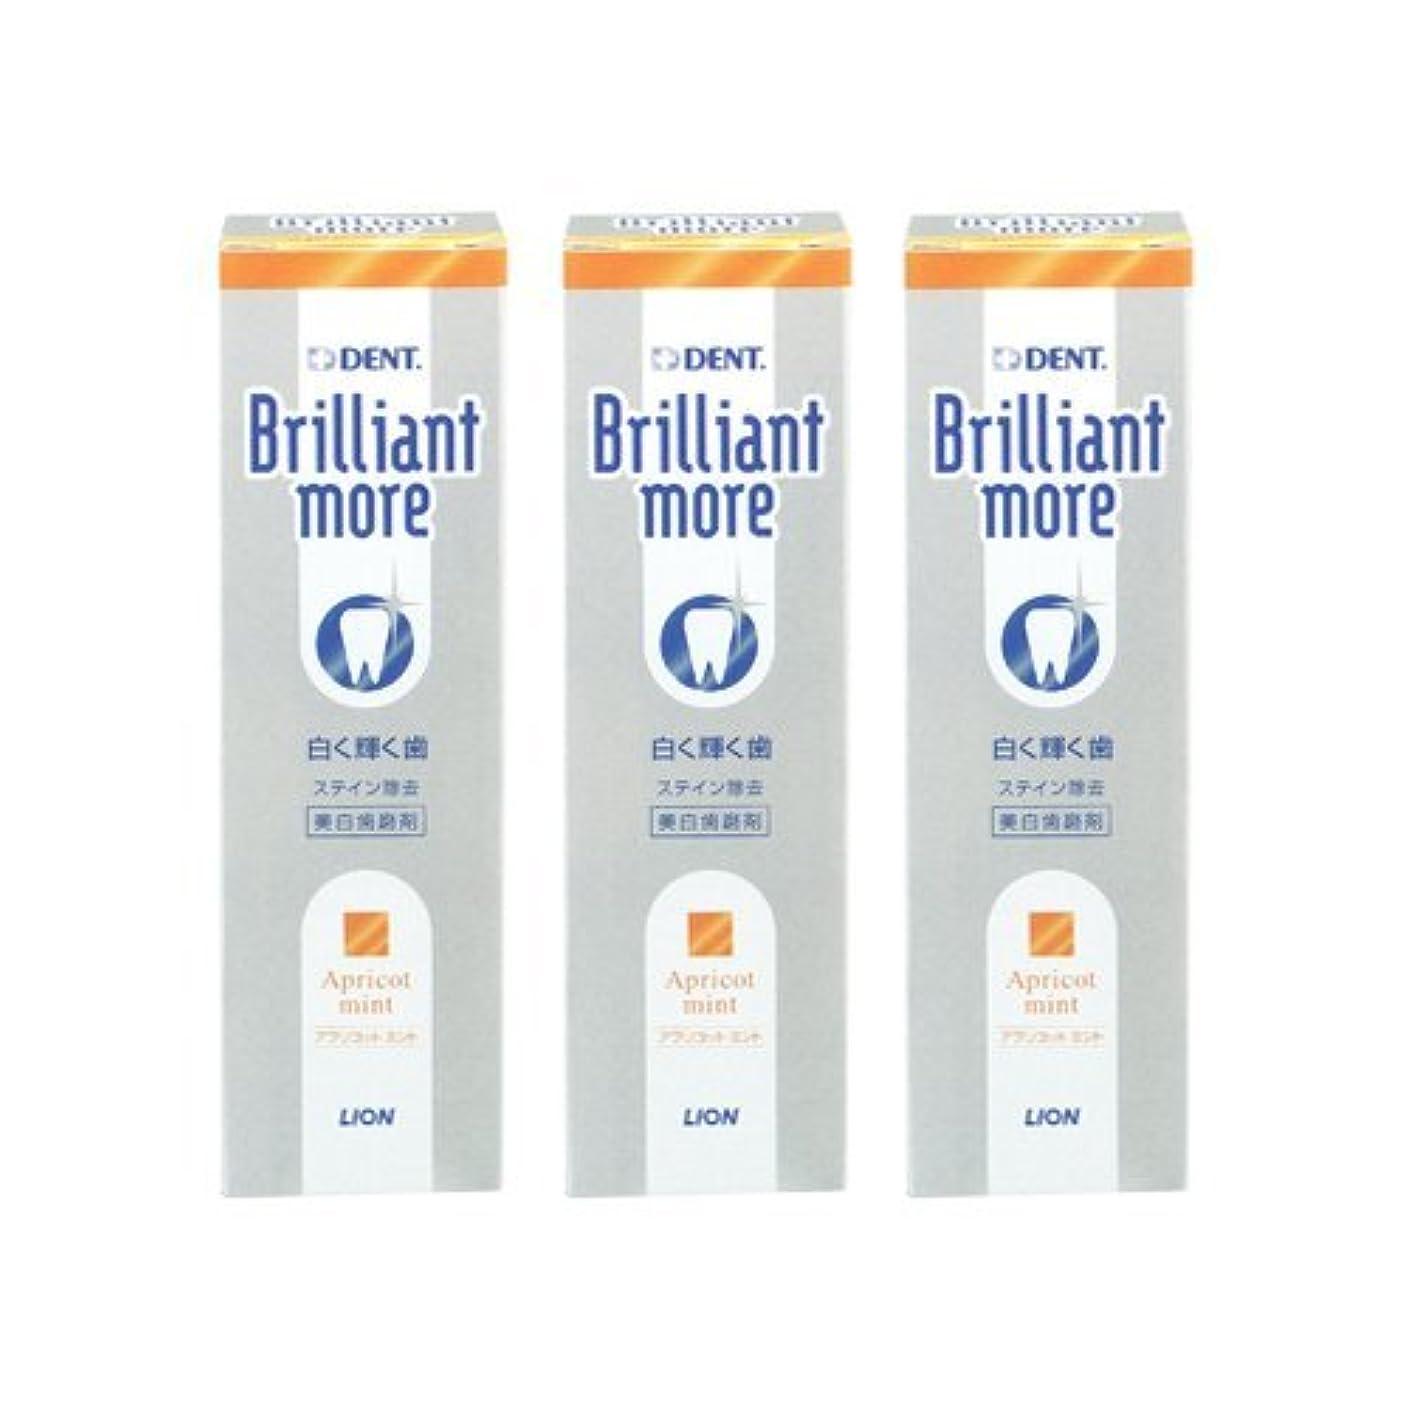 反乱専門体現するライオン ブリリアントモア アプリコットミント 3本セット 美白歯磨剤 LION Brilliant more